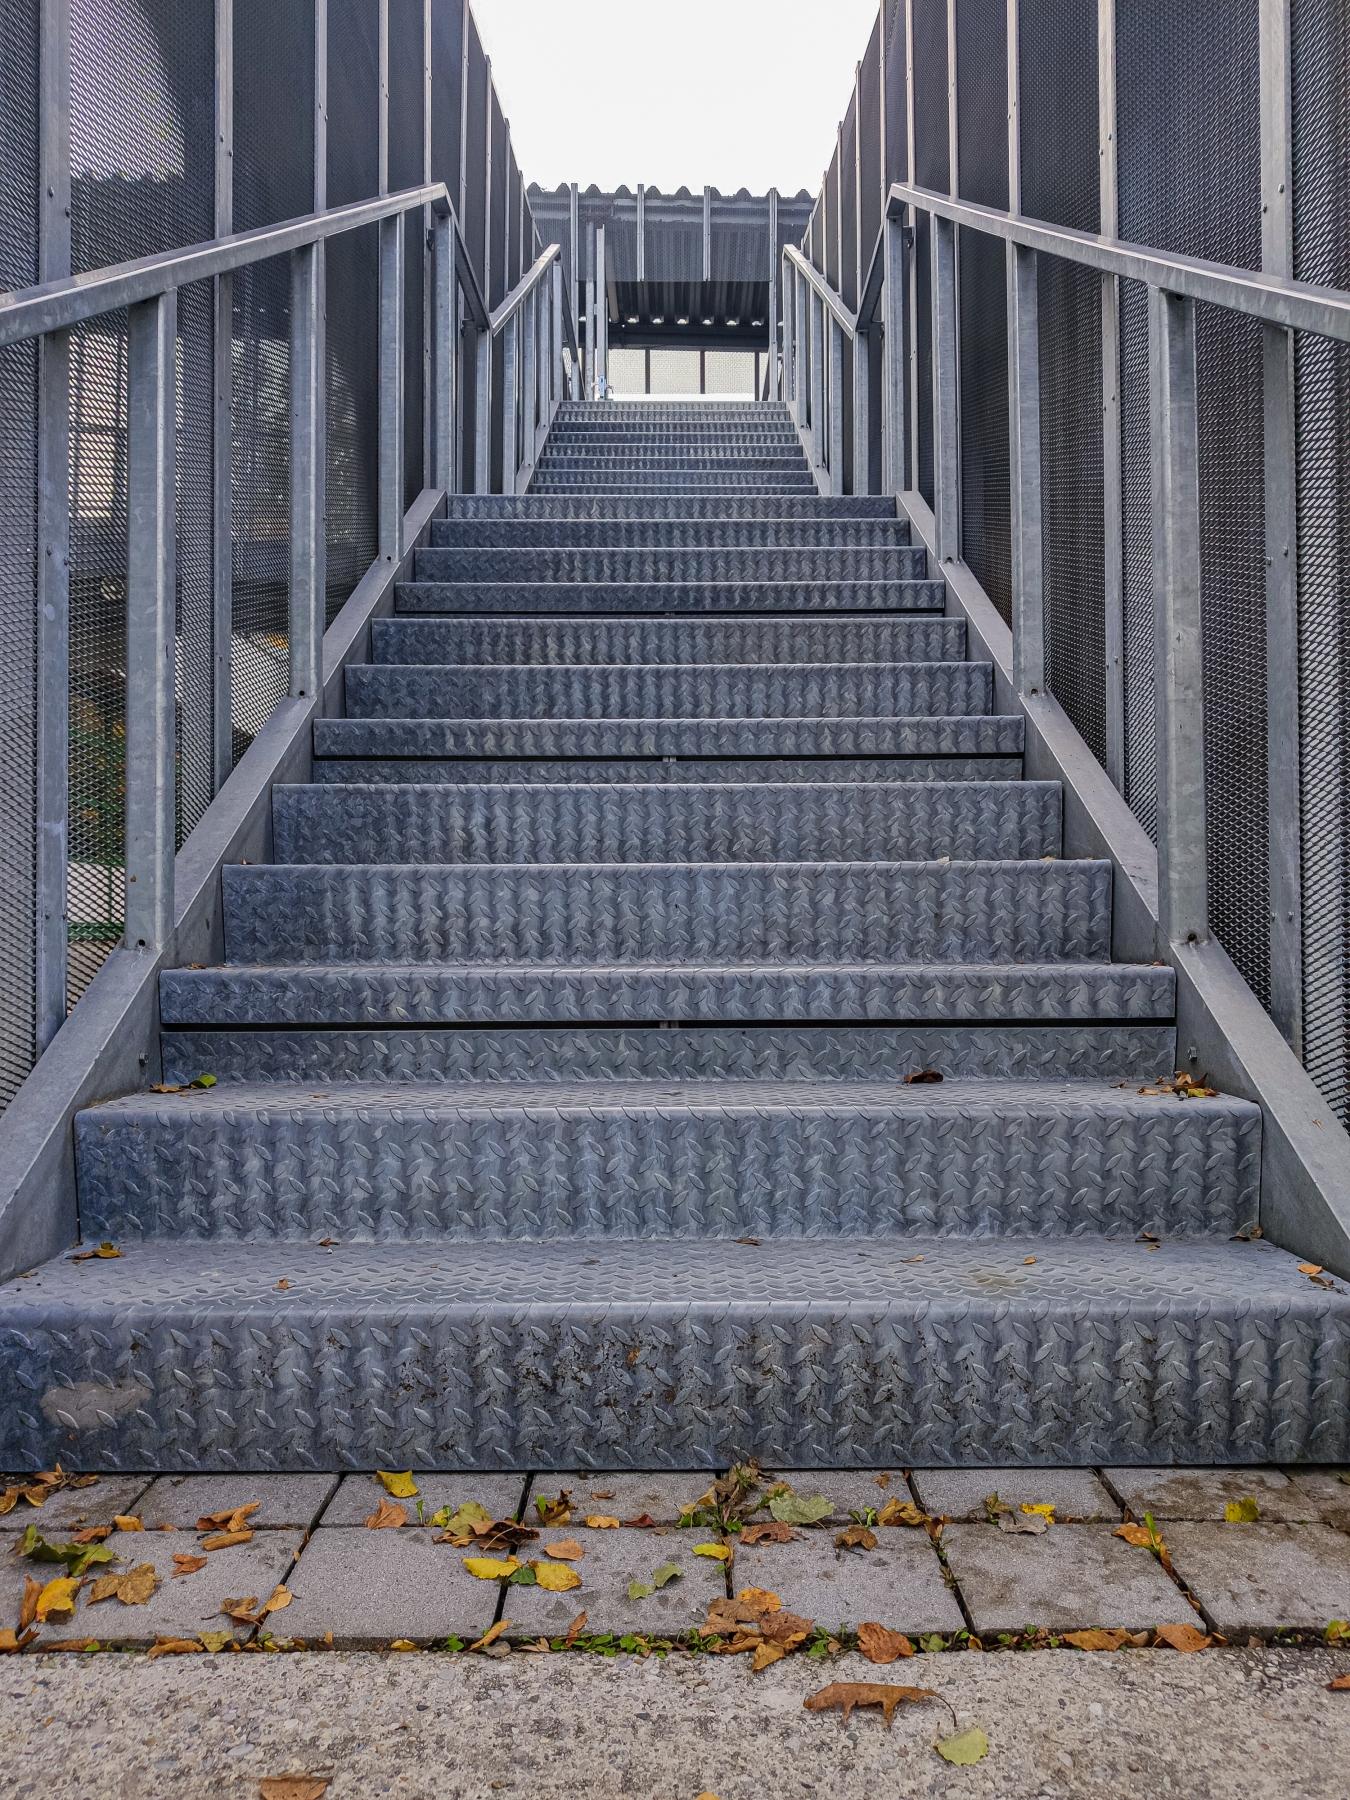 Bild einer Treppe aus Metall, vor der etwas Laub liegt